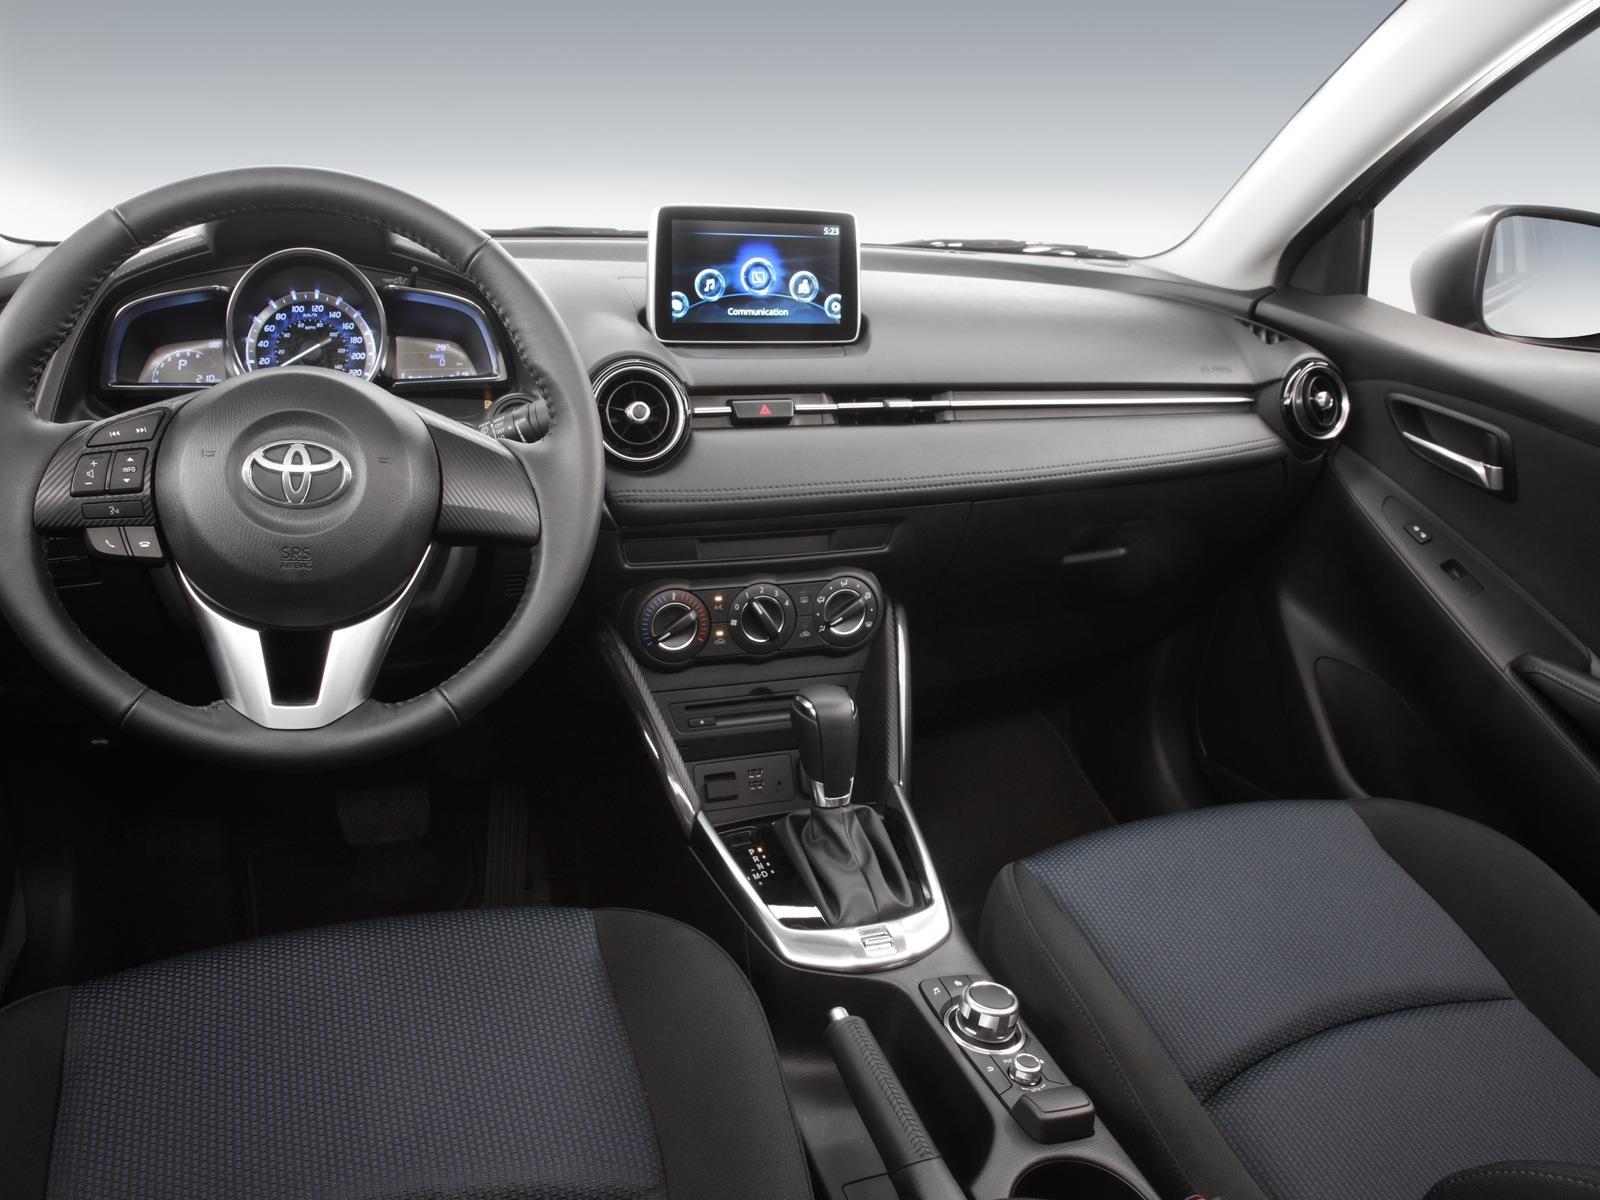 Manejamos El Toyota Yaris R 2016 Autocosmos Com